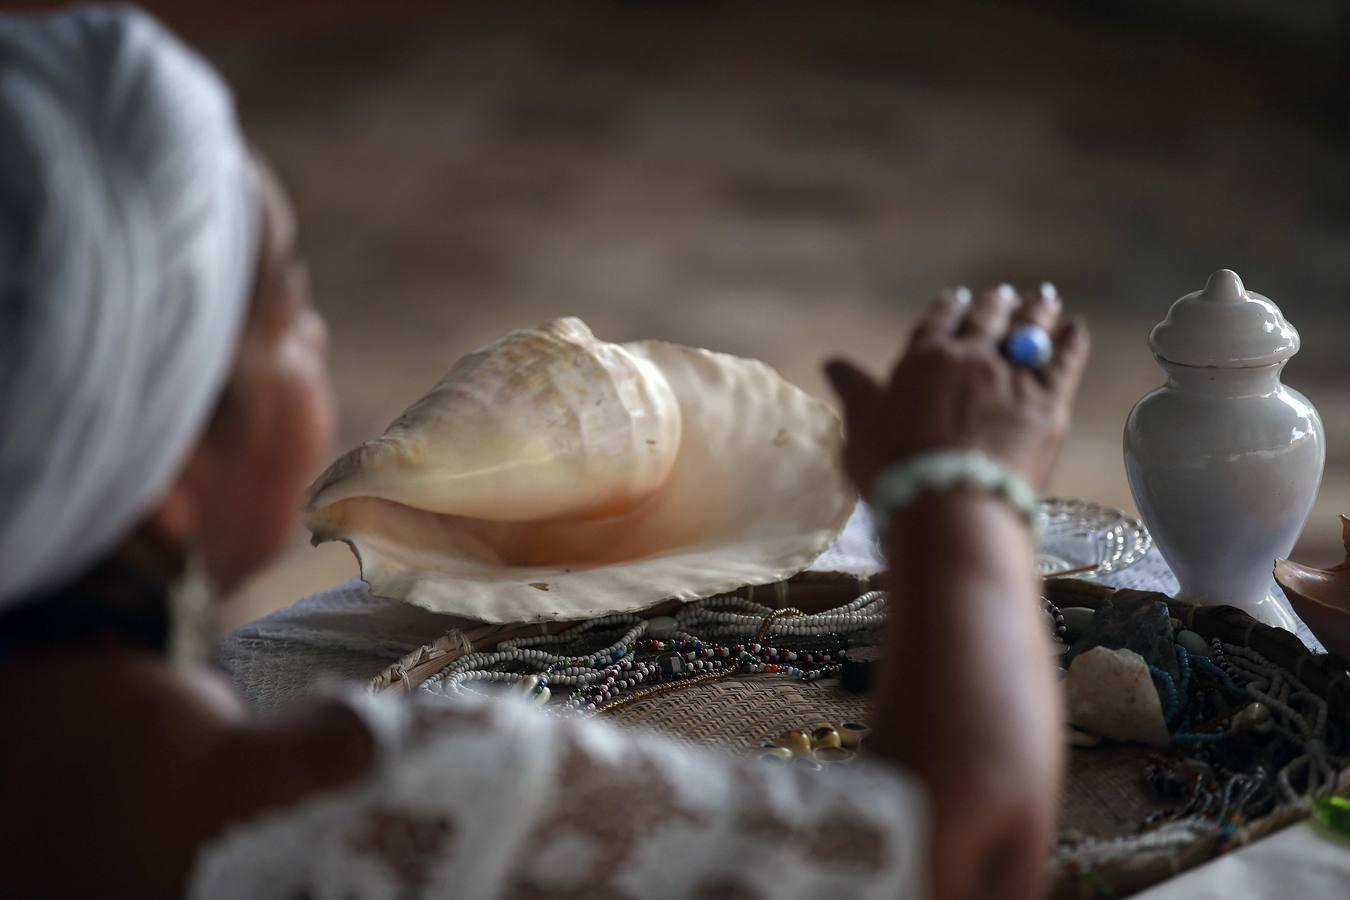 El candomblé, la religión que «resiste» a la creciente intolerancia en Brasil